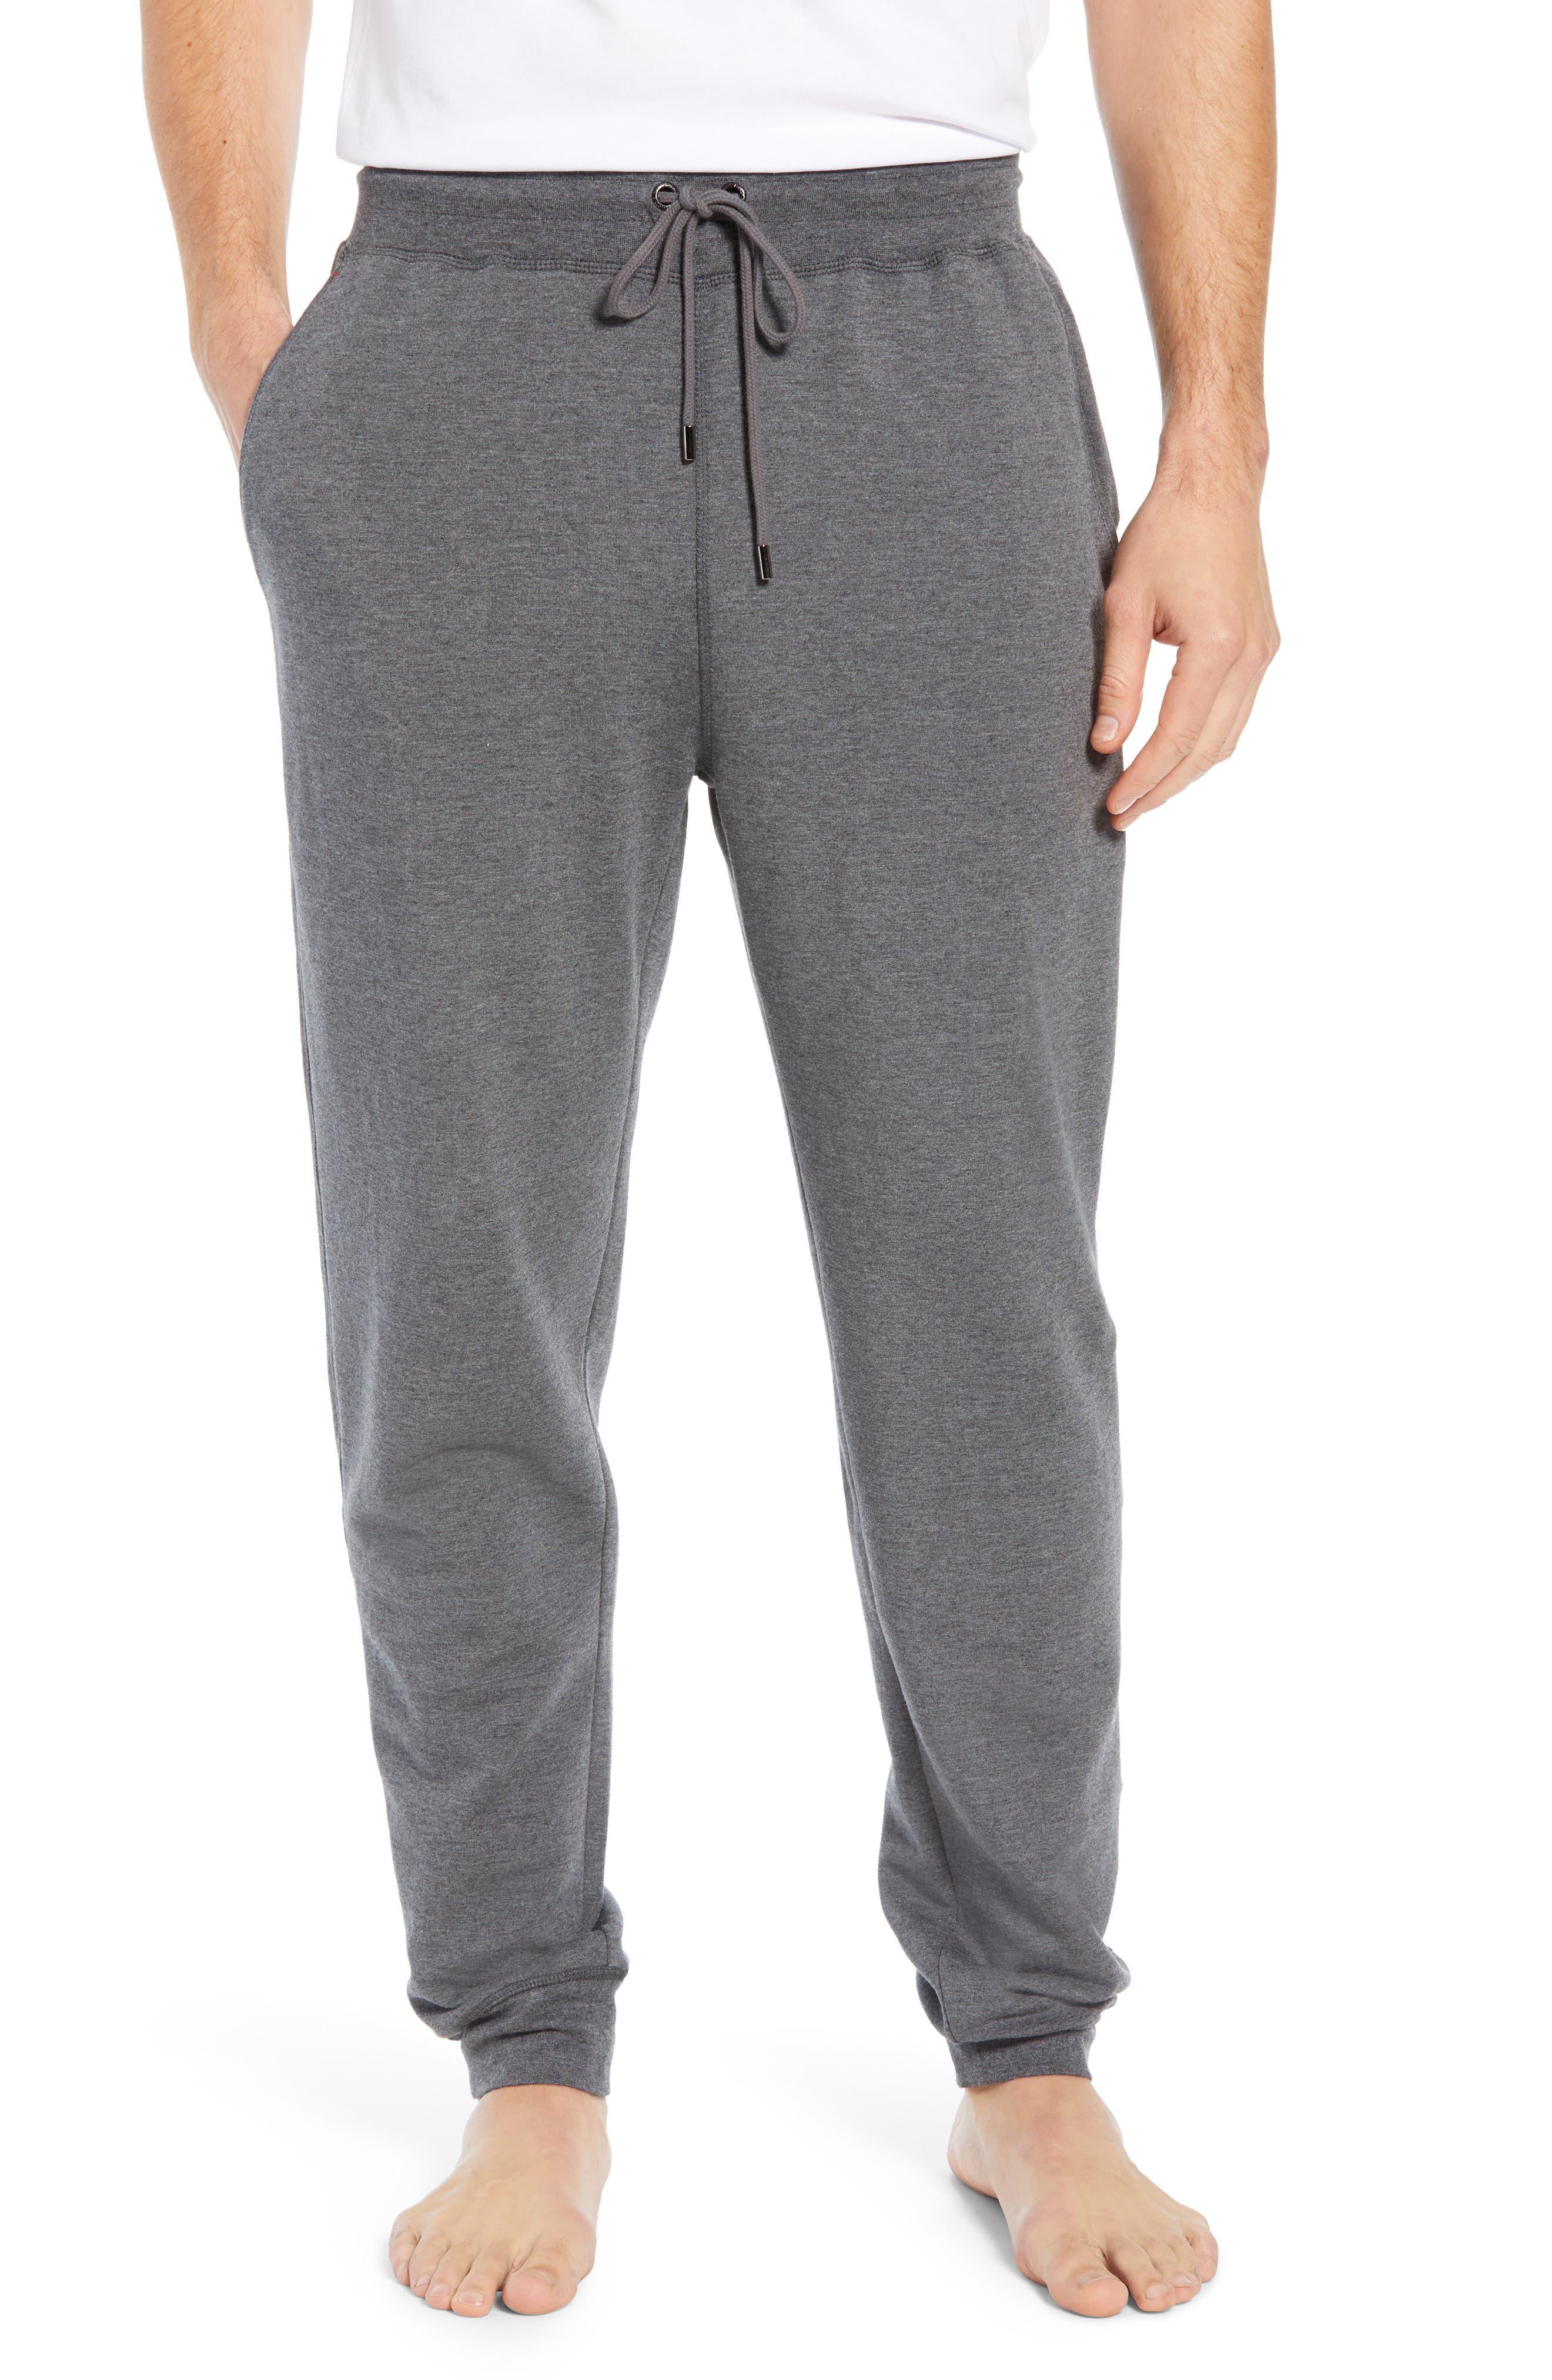 DANIEL BUCHLER Modal Blend Lounge Pants, Main, color, CHARCOAL HEATHER